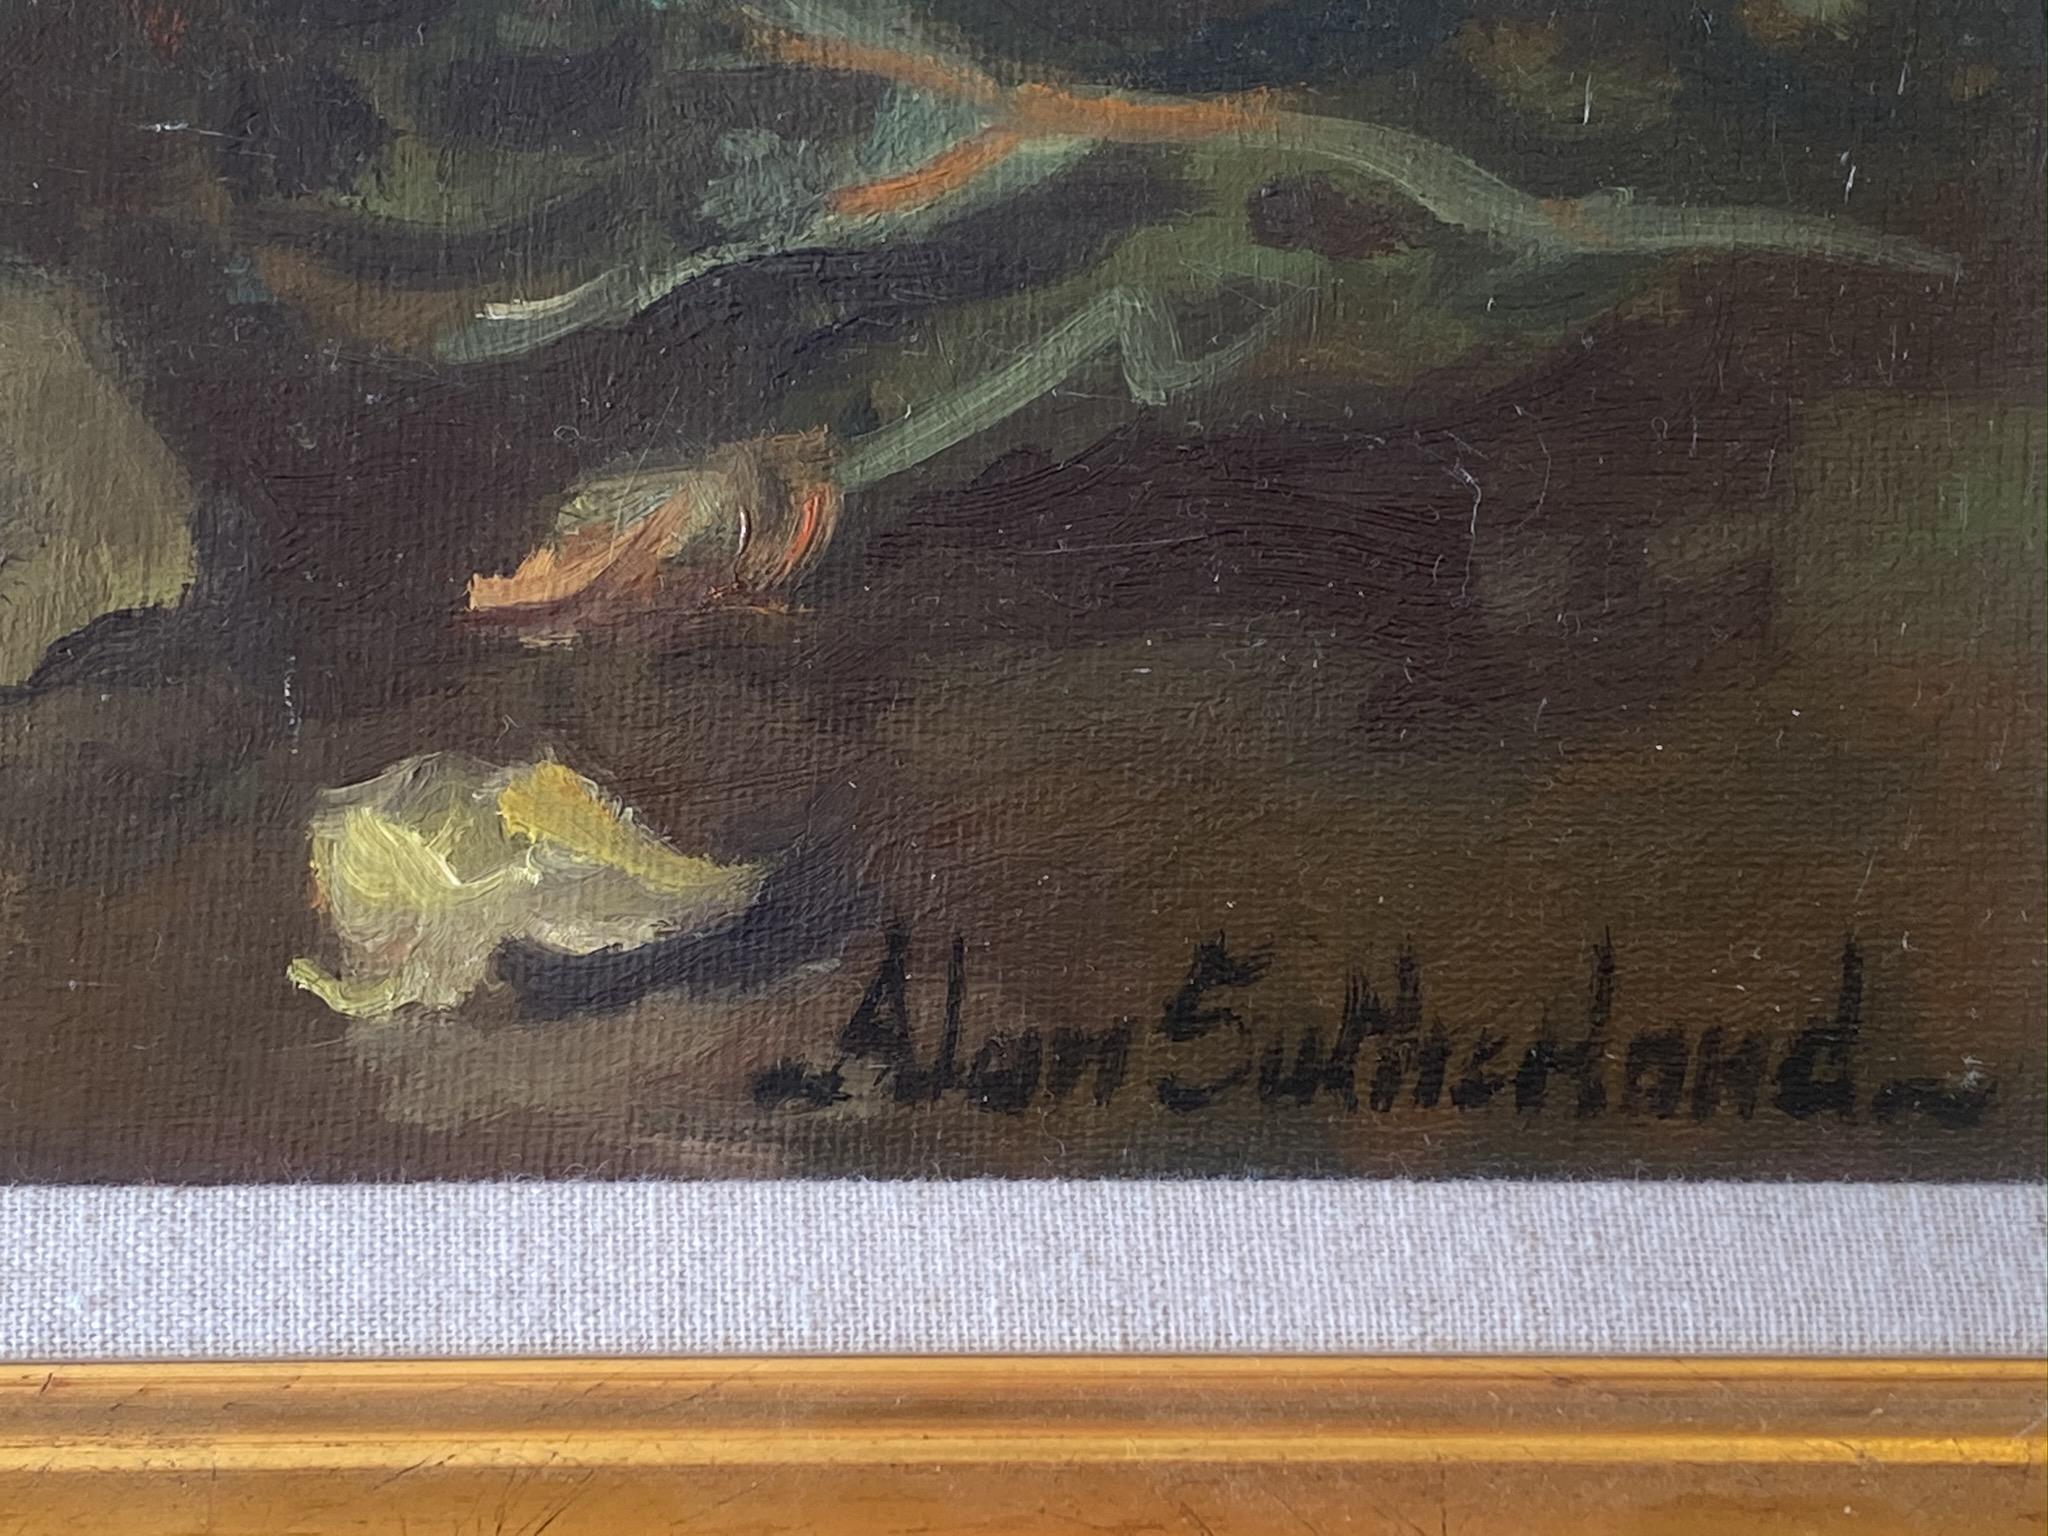 Original Signed Oil Scottish Based Artist. Alan Gordon Dunnett Sutherland - Dog Roses - Image 3 of 4